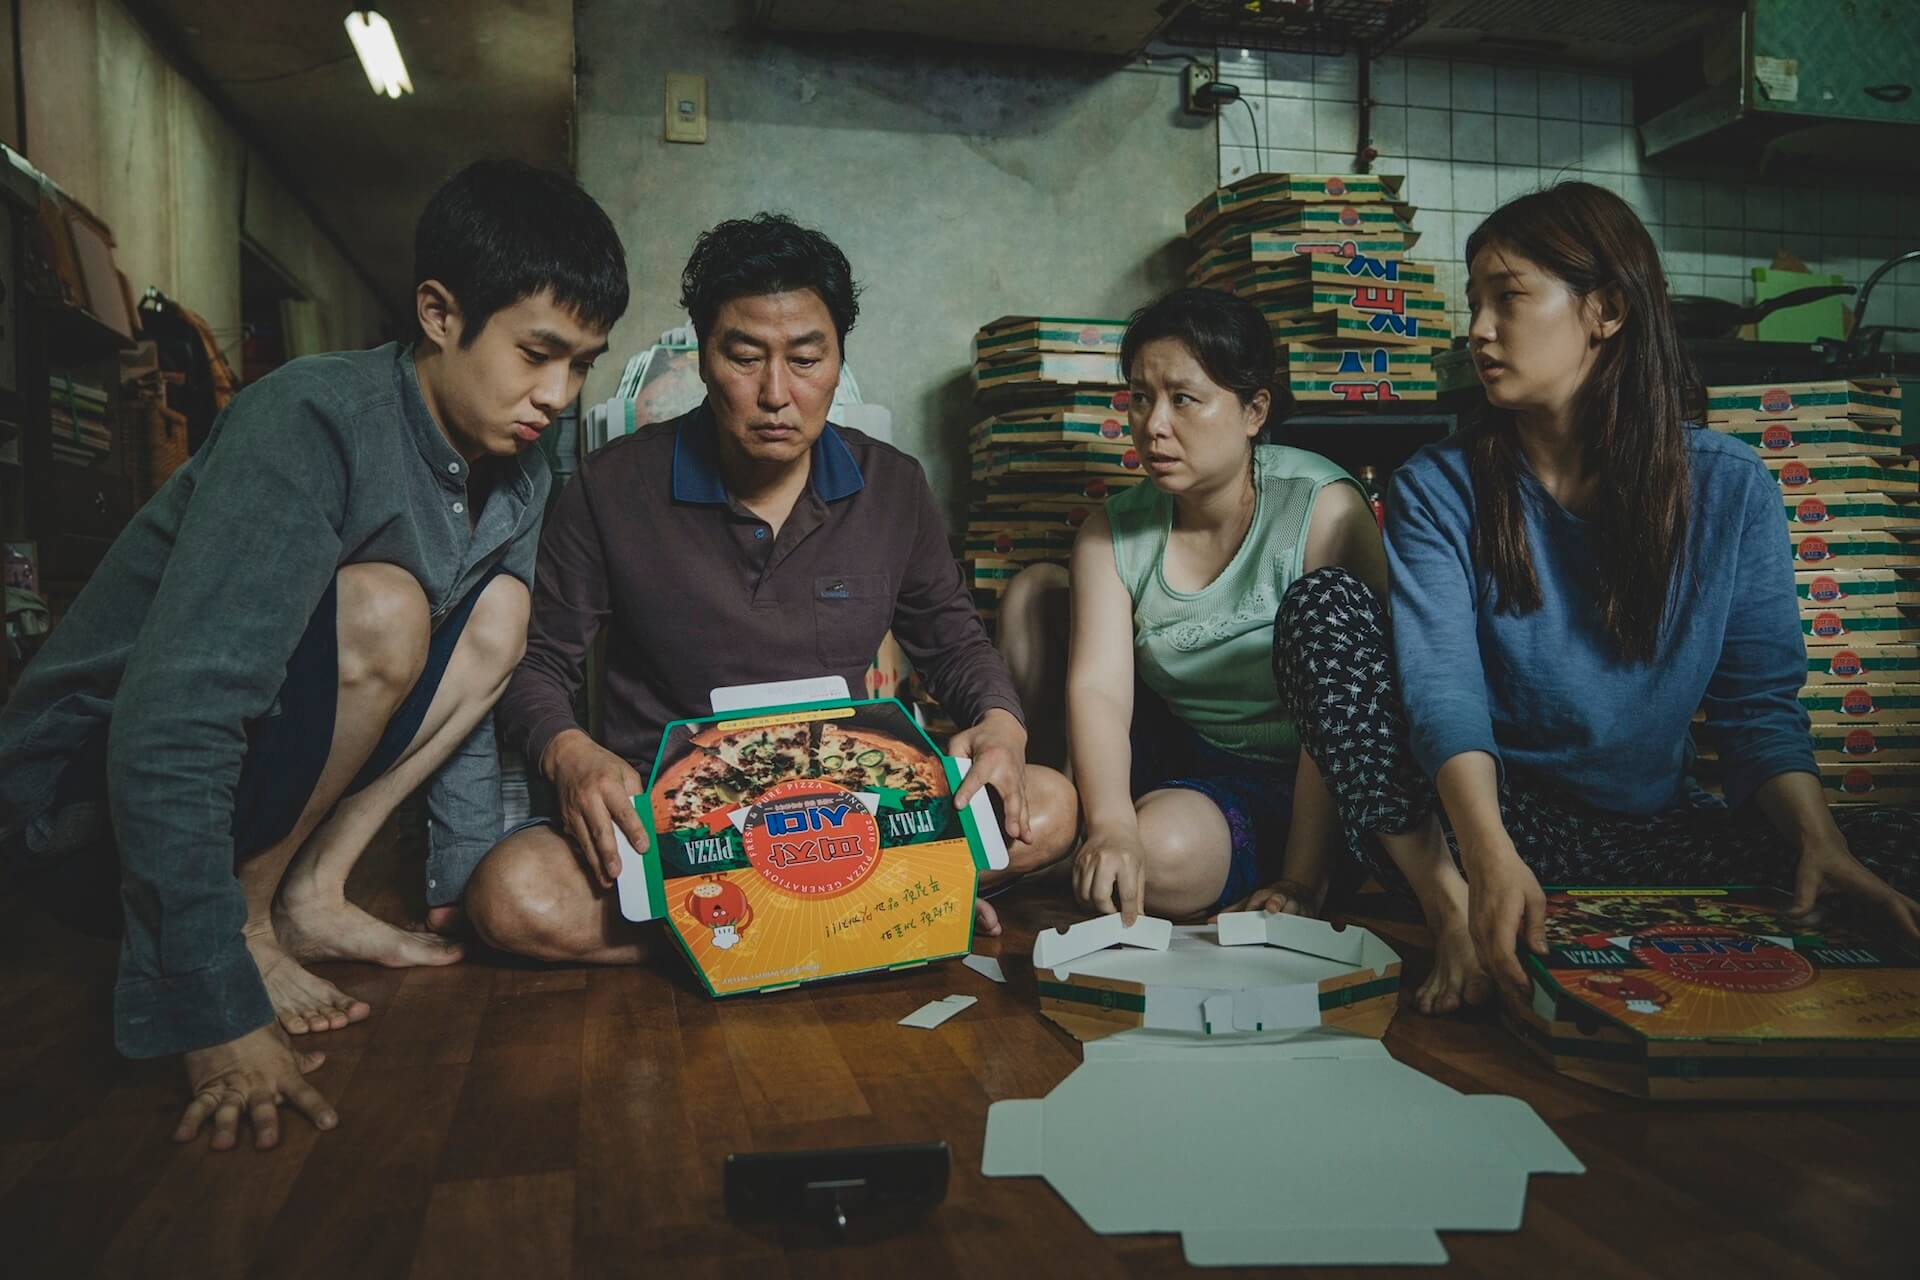 『パラサイト 半地下の家族』韓国映画史上初の快挙!アカデミー賞作品賞含む6部門にノミネート film200114_parasite_1